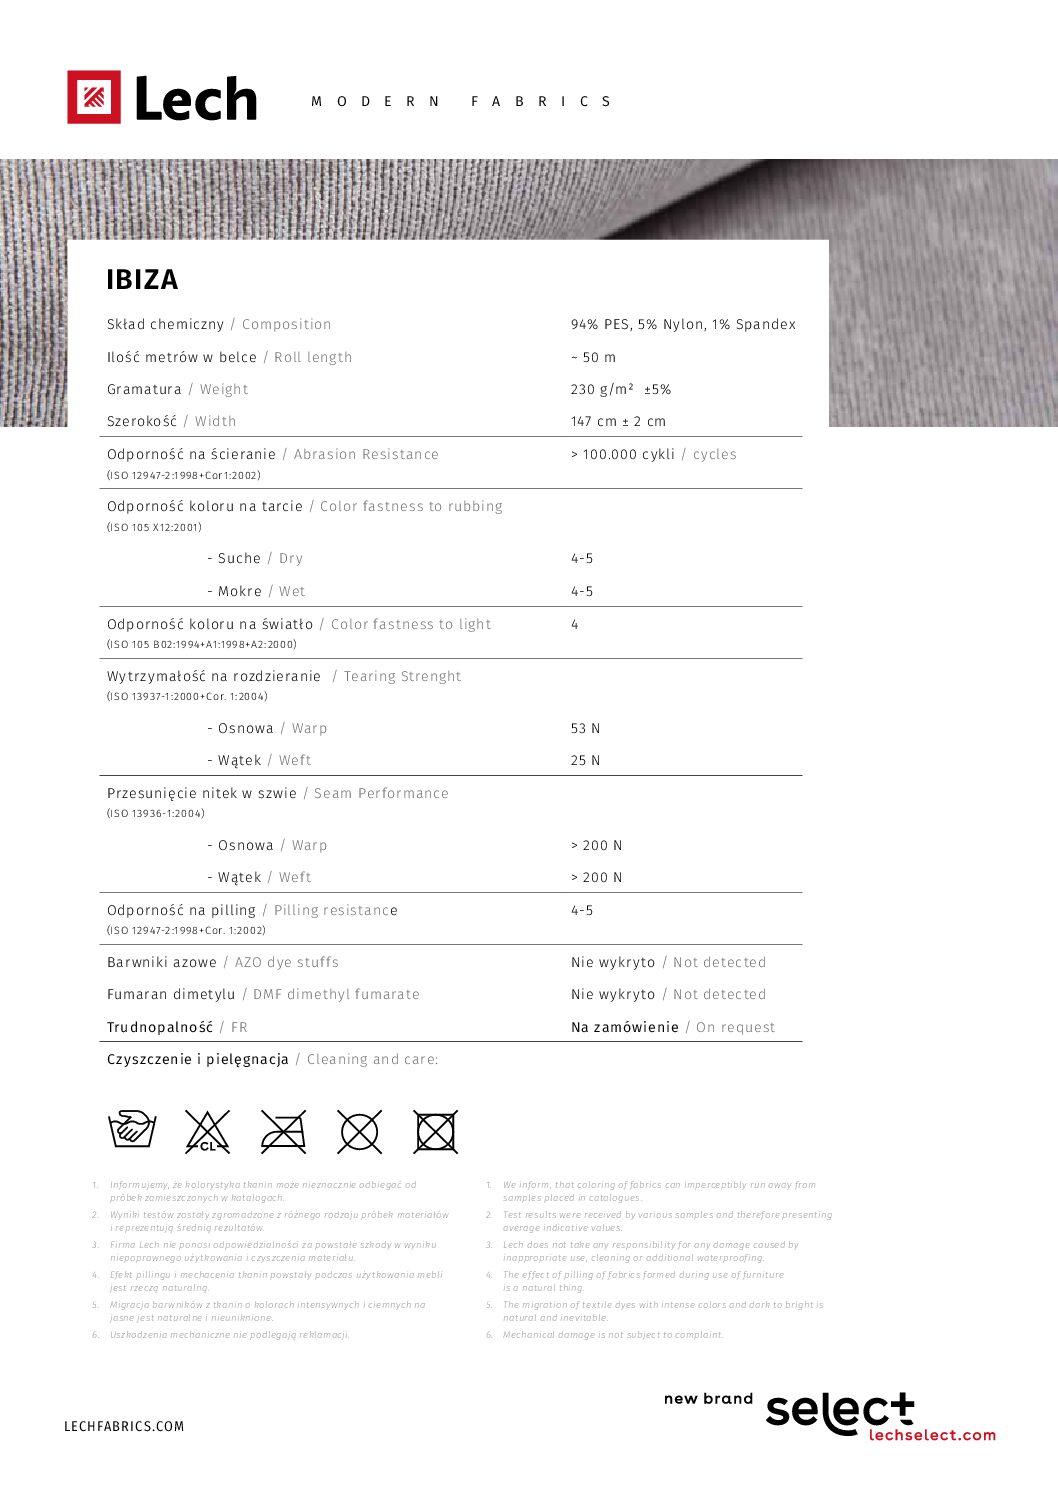 IBIZA-1